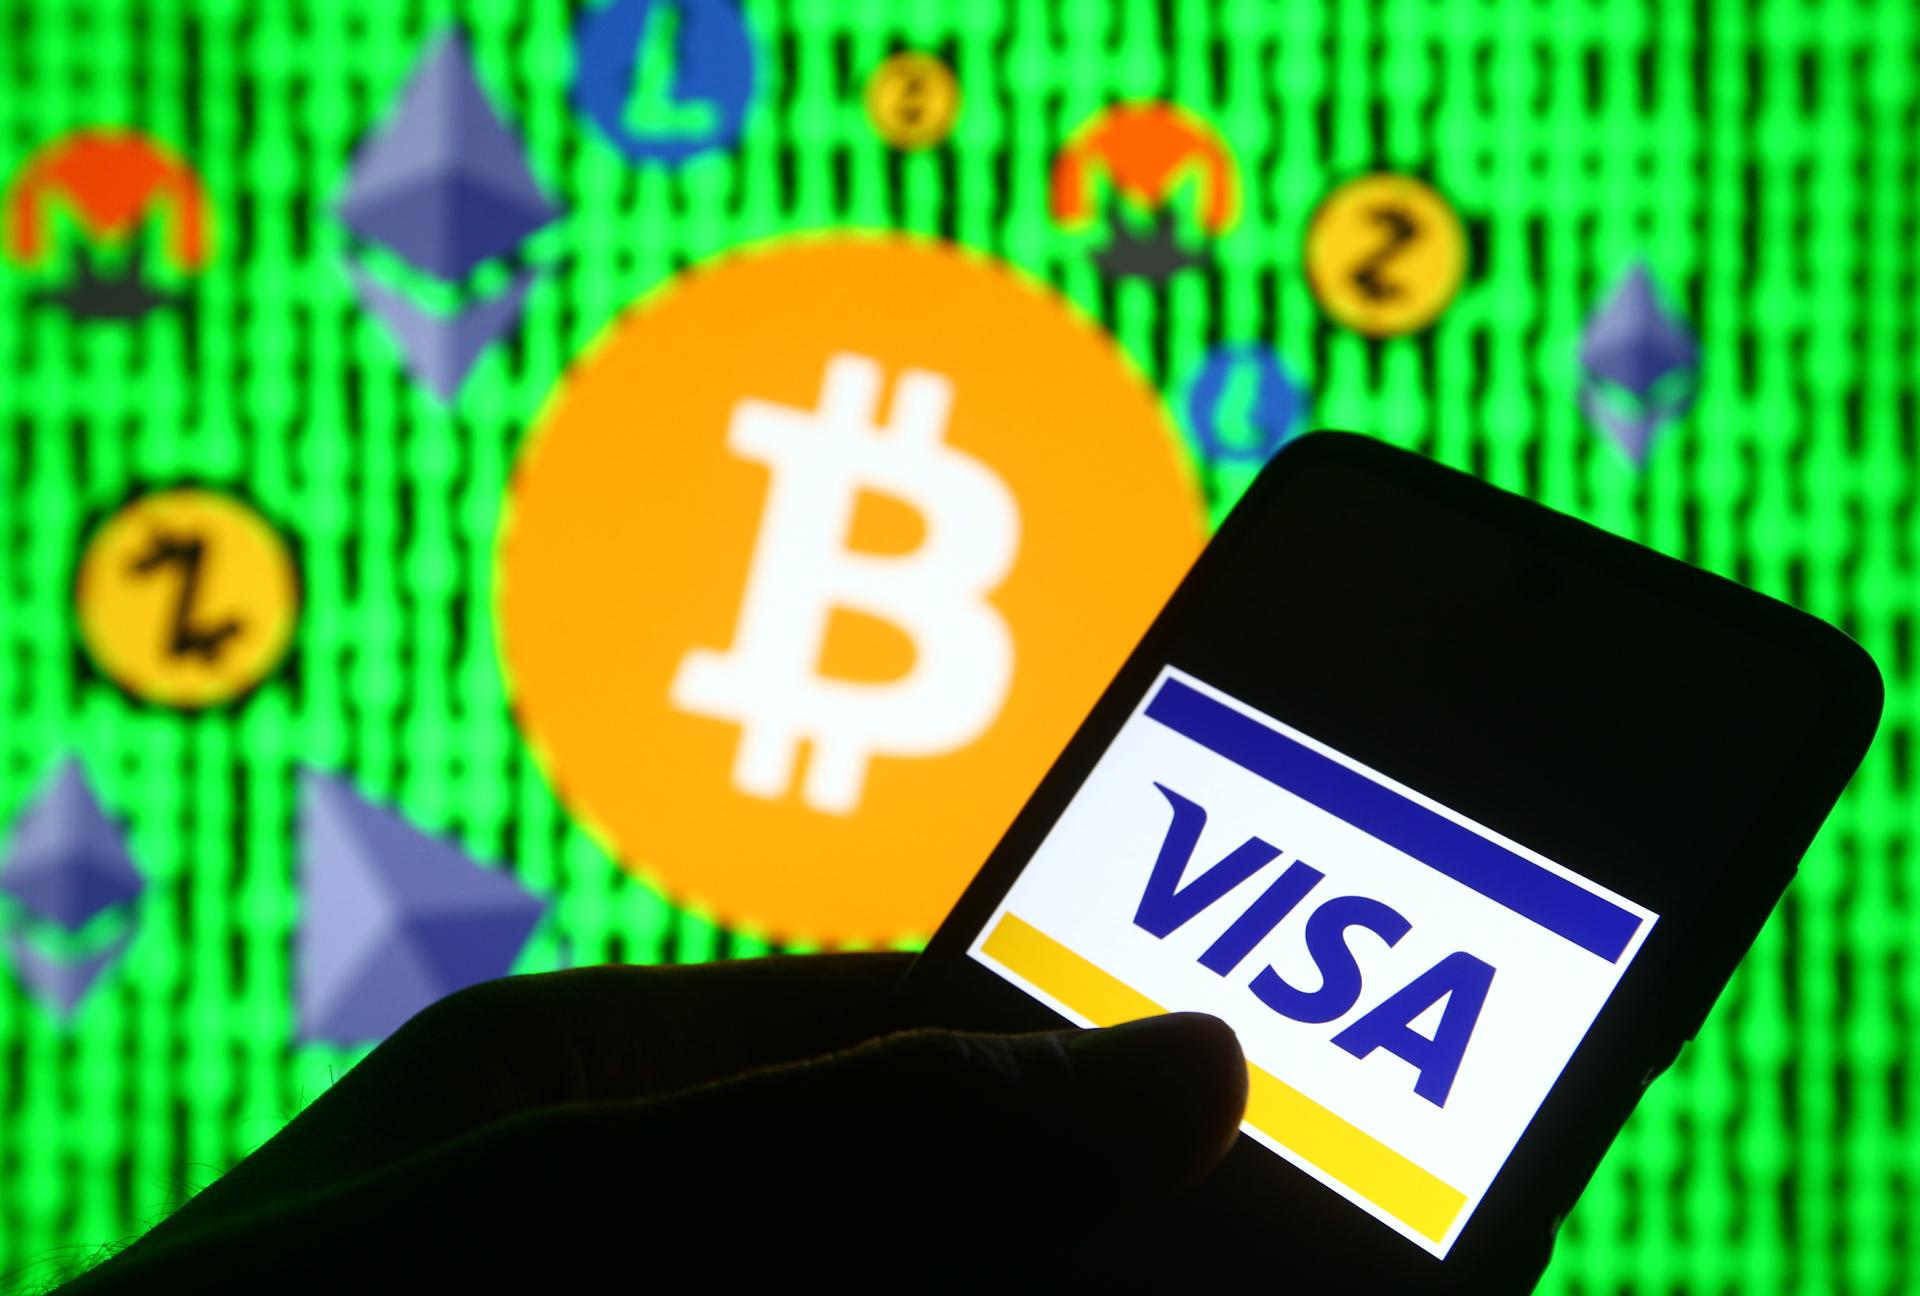 У криптовалют нет эмитента — организации, которая выпускает ценные бумаги для развития и финансирования своей деятельности